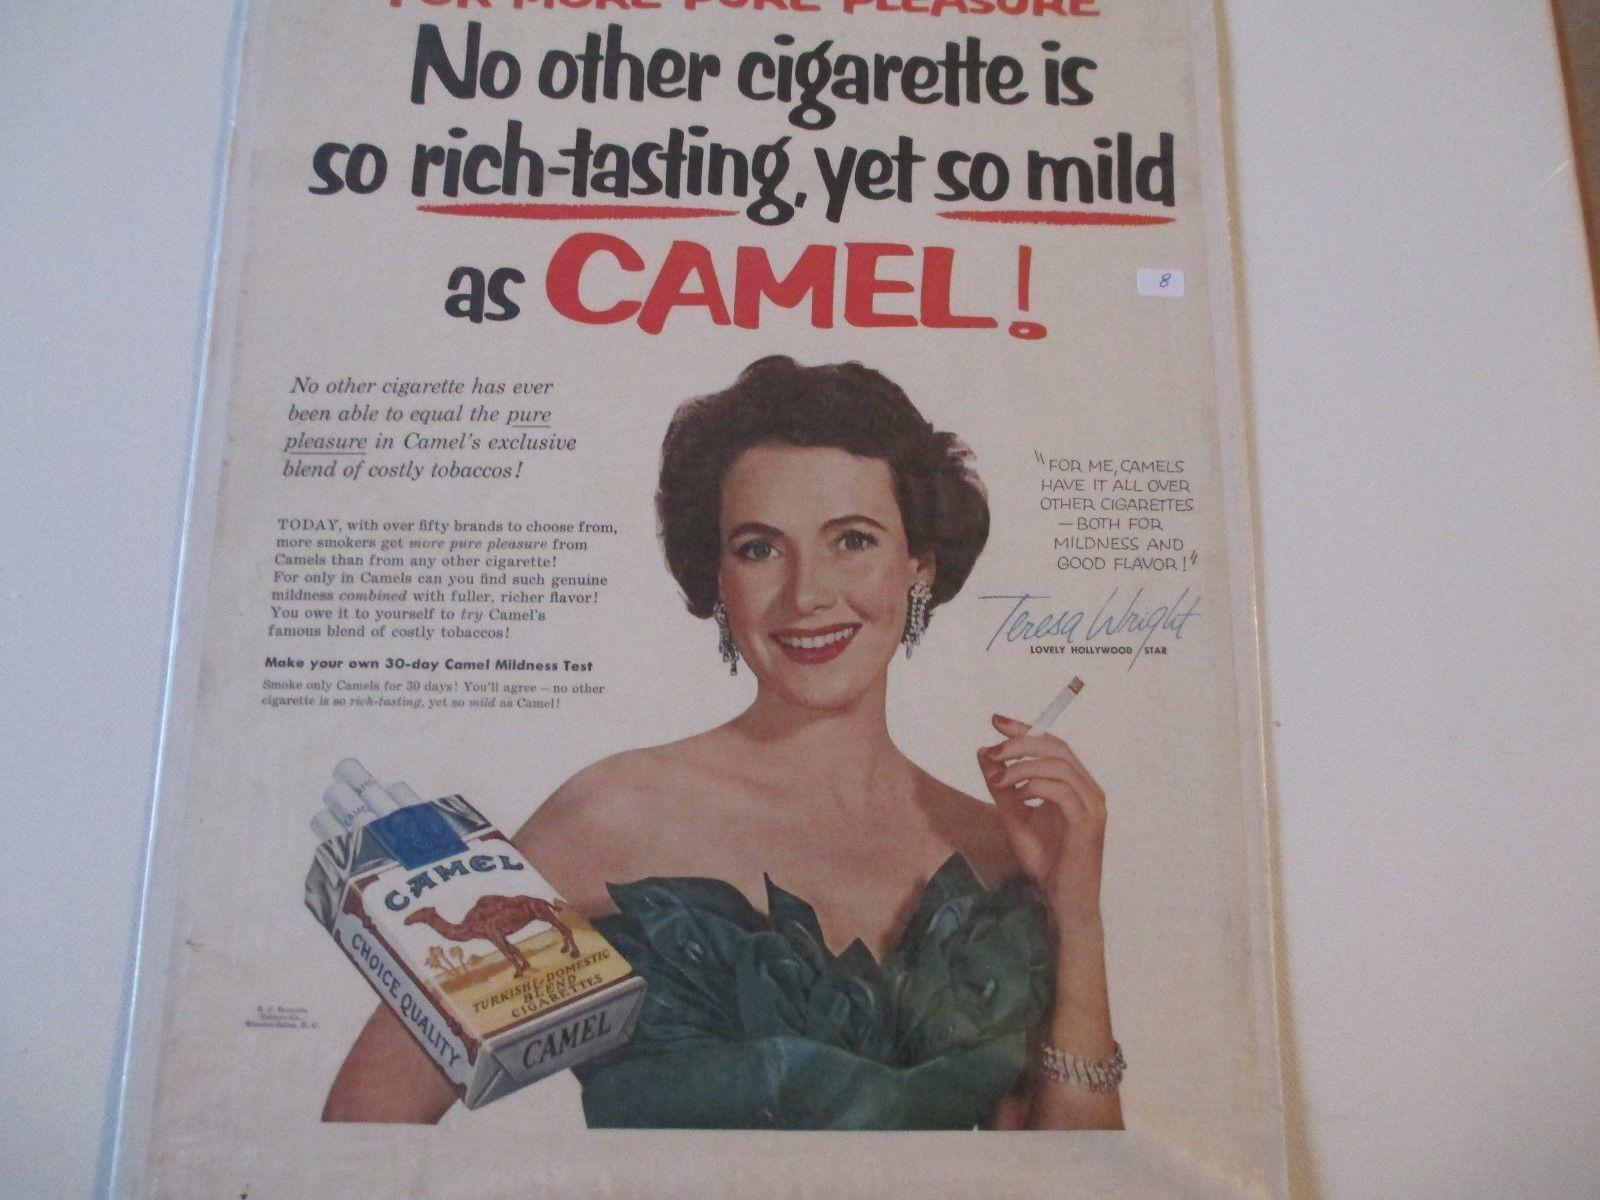 Jose perez richarte carteles publicitarios de tabaco - Carteles publicitarios antiguos ...